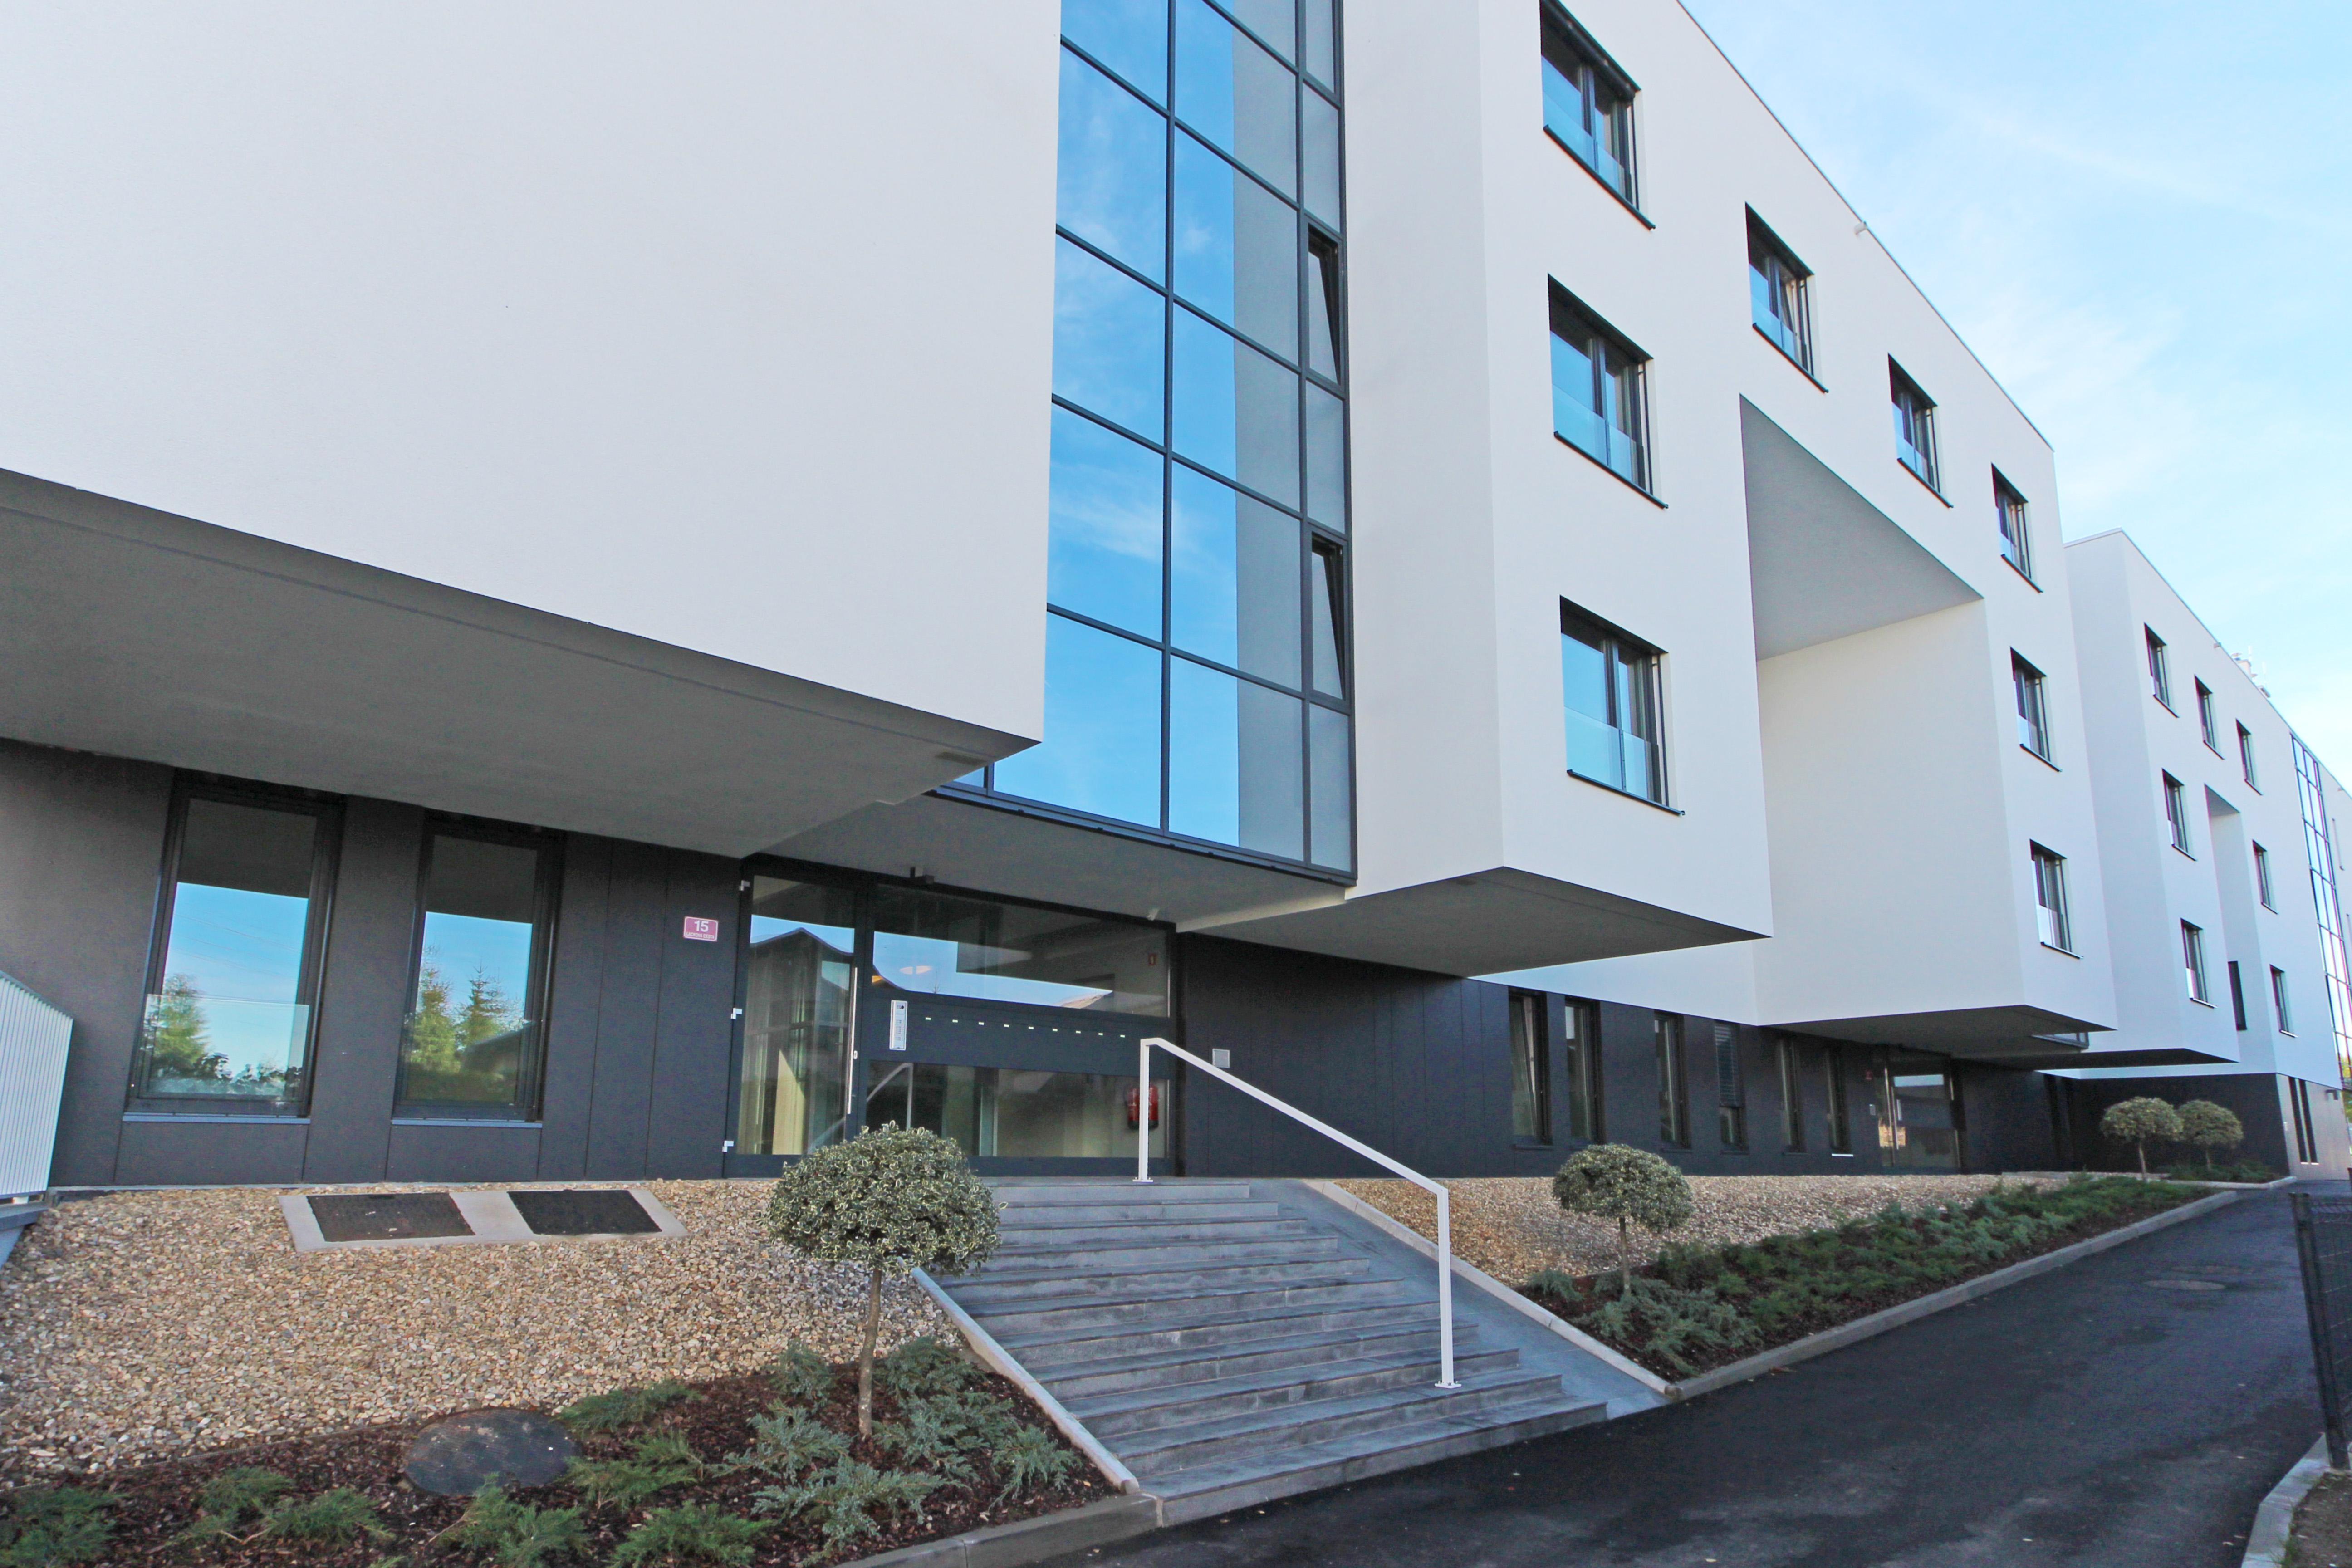 Dodajte svojemu domu eleganten in moderen videz s stekleno fasado AJM ekskluzivne linije Zero Sash.